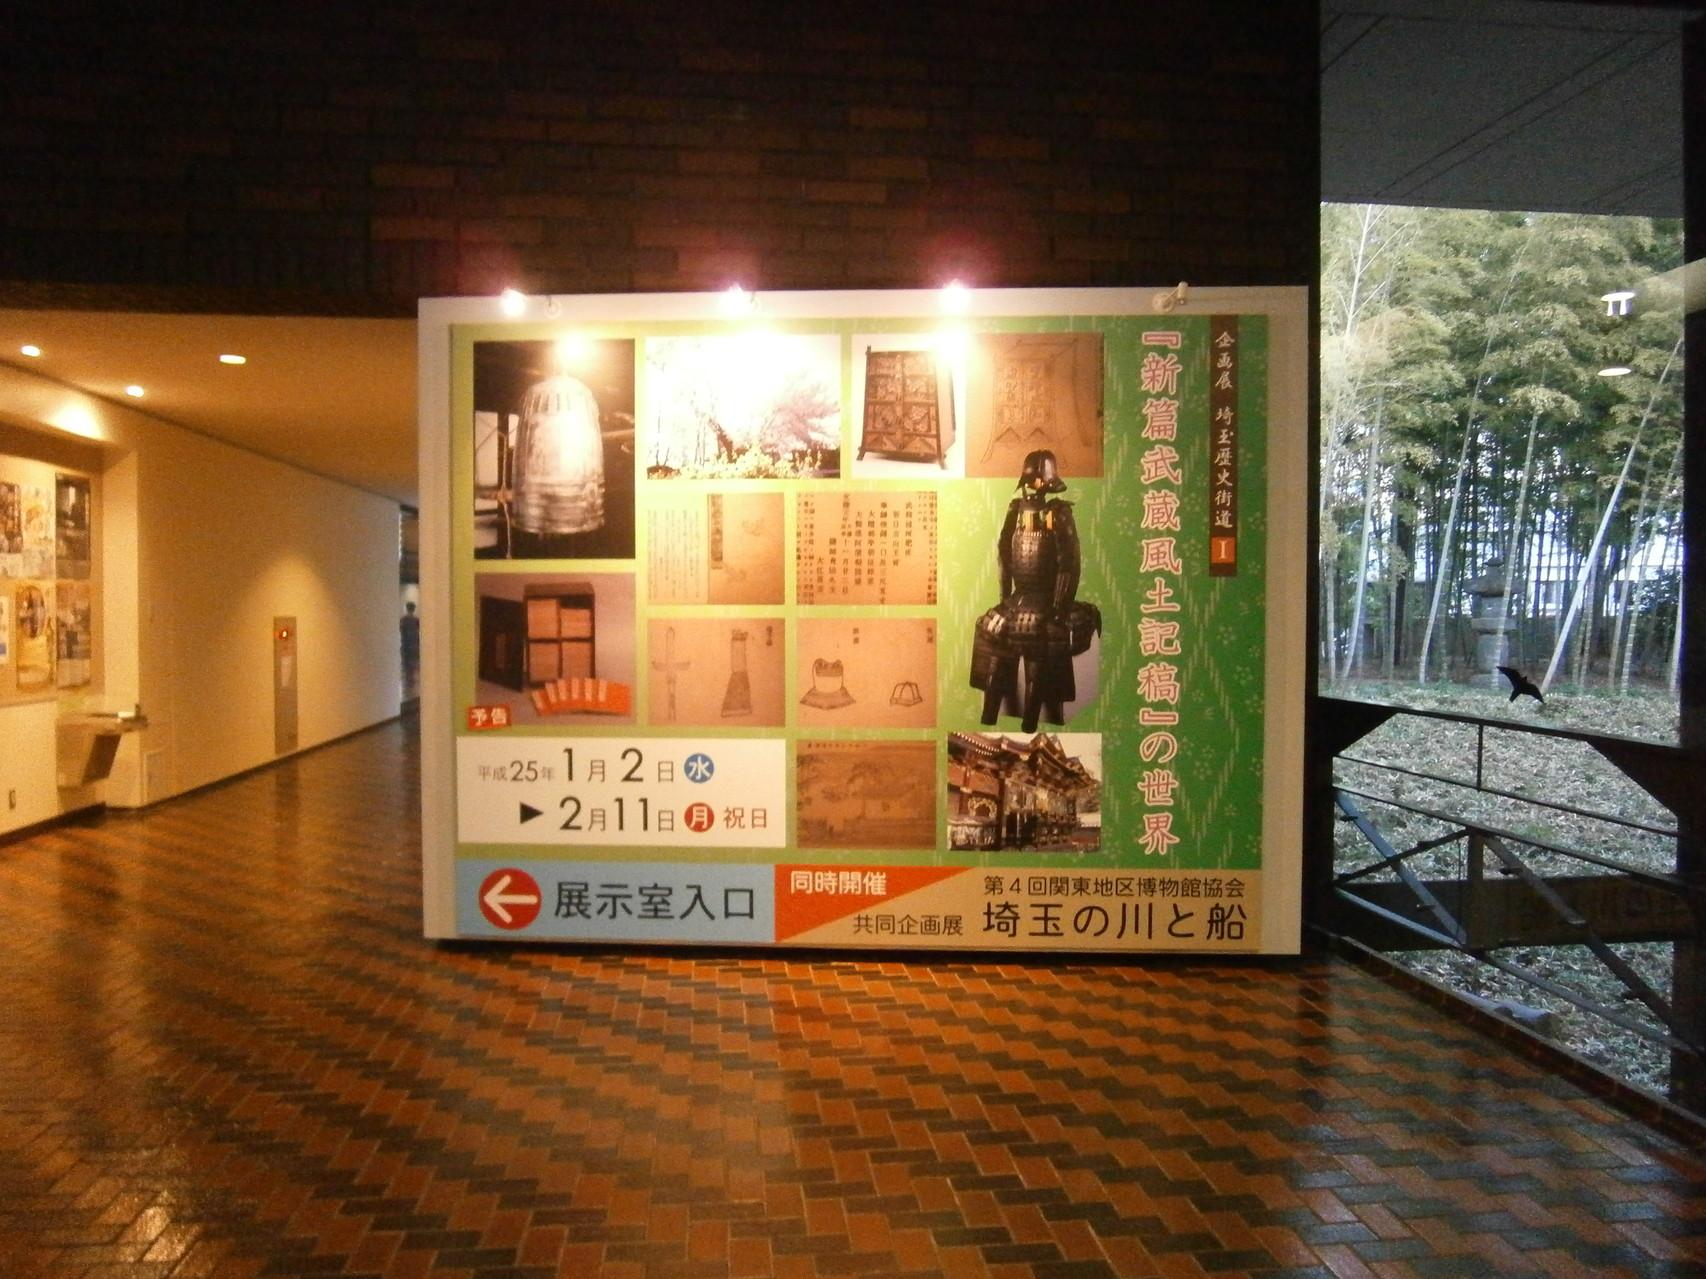 博物館様企画展入口大型サインです。既存の大型看板ボードにプリントしたシートを現場施工しました。